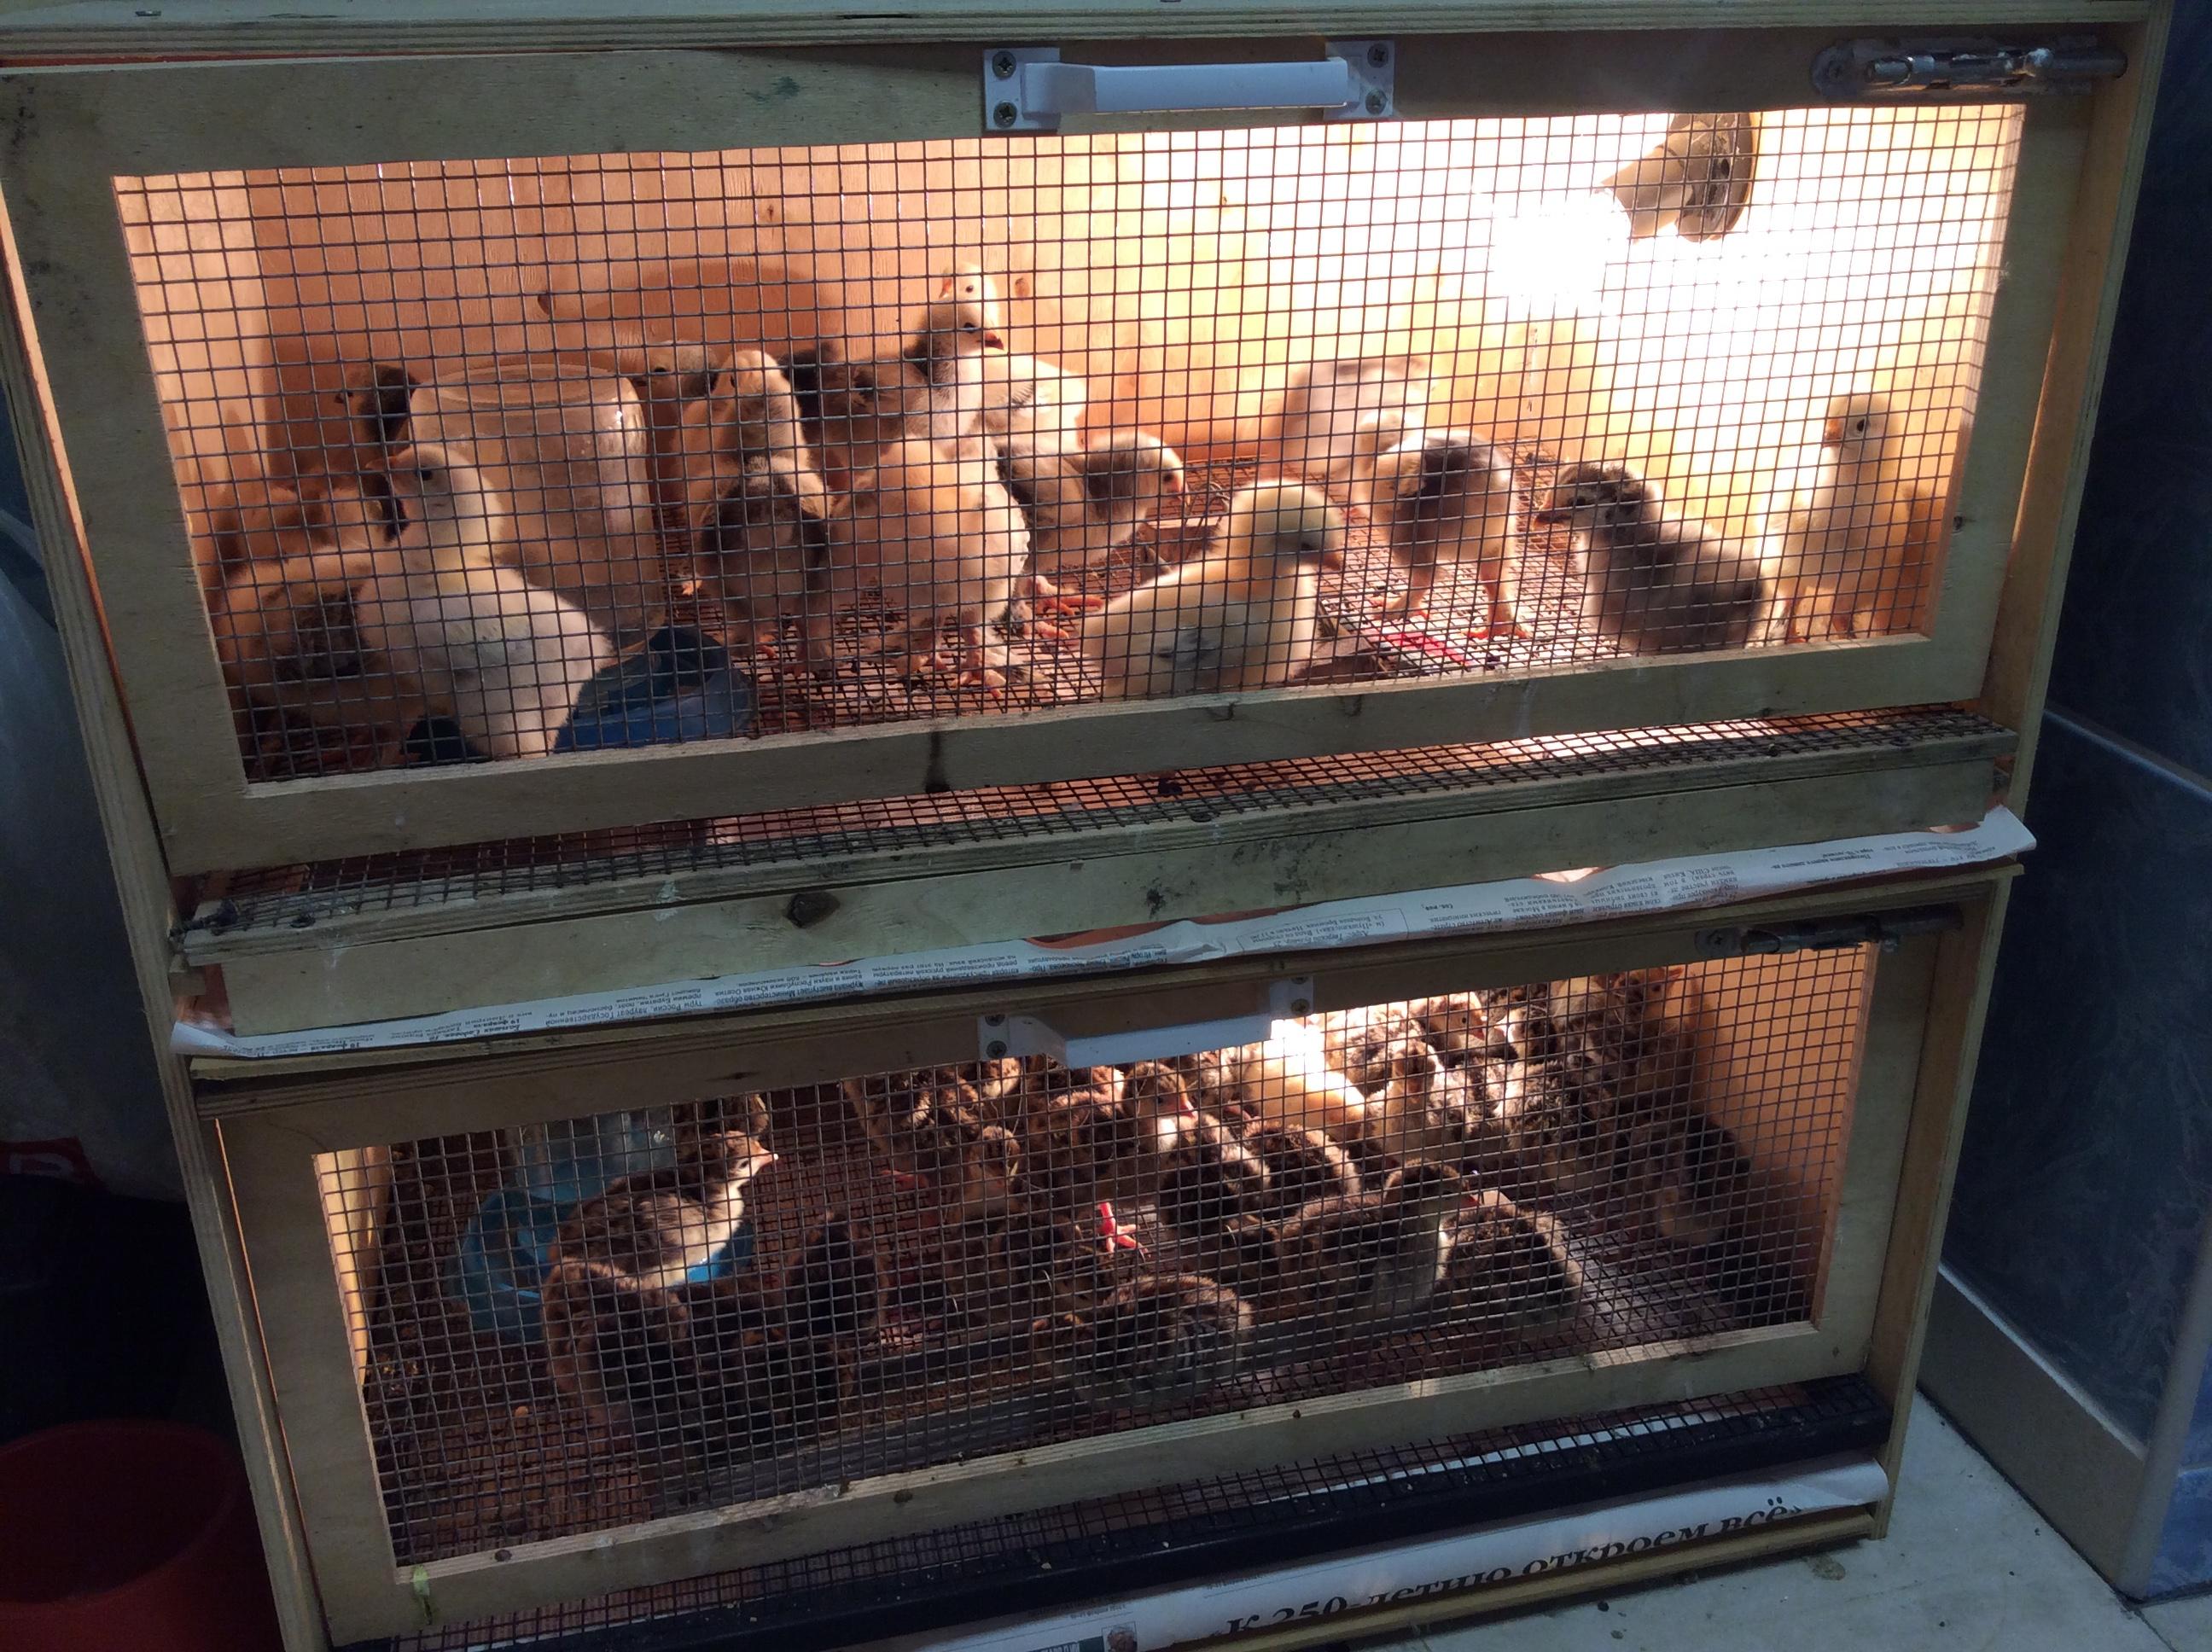 Какой купить брудер для цыплят. Рейтинг моделей для любителей, фермеров и профессионалов